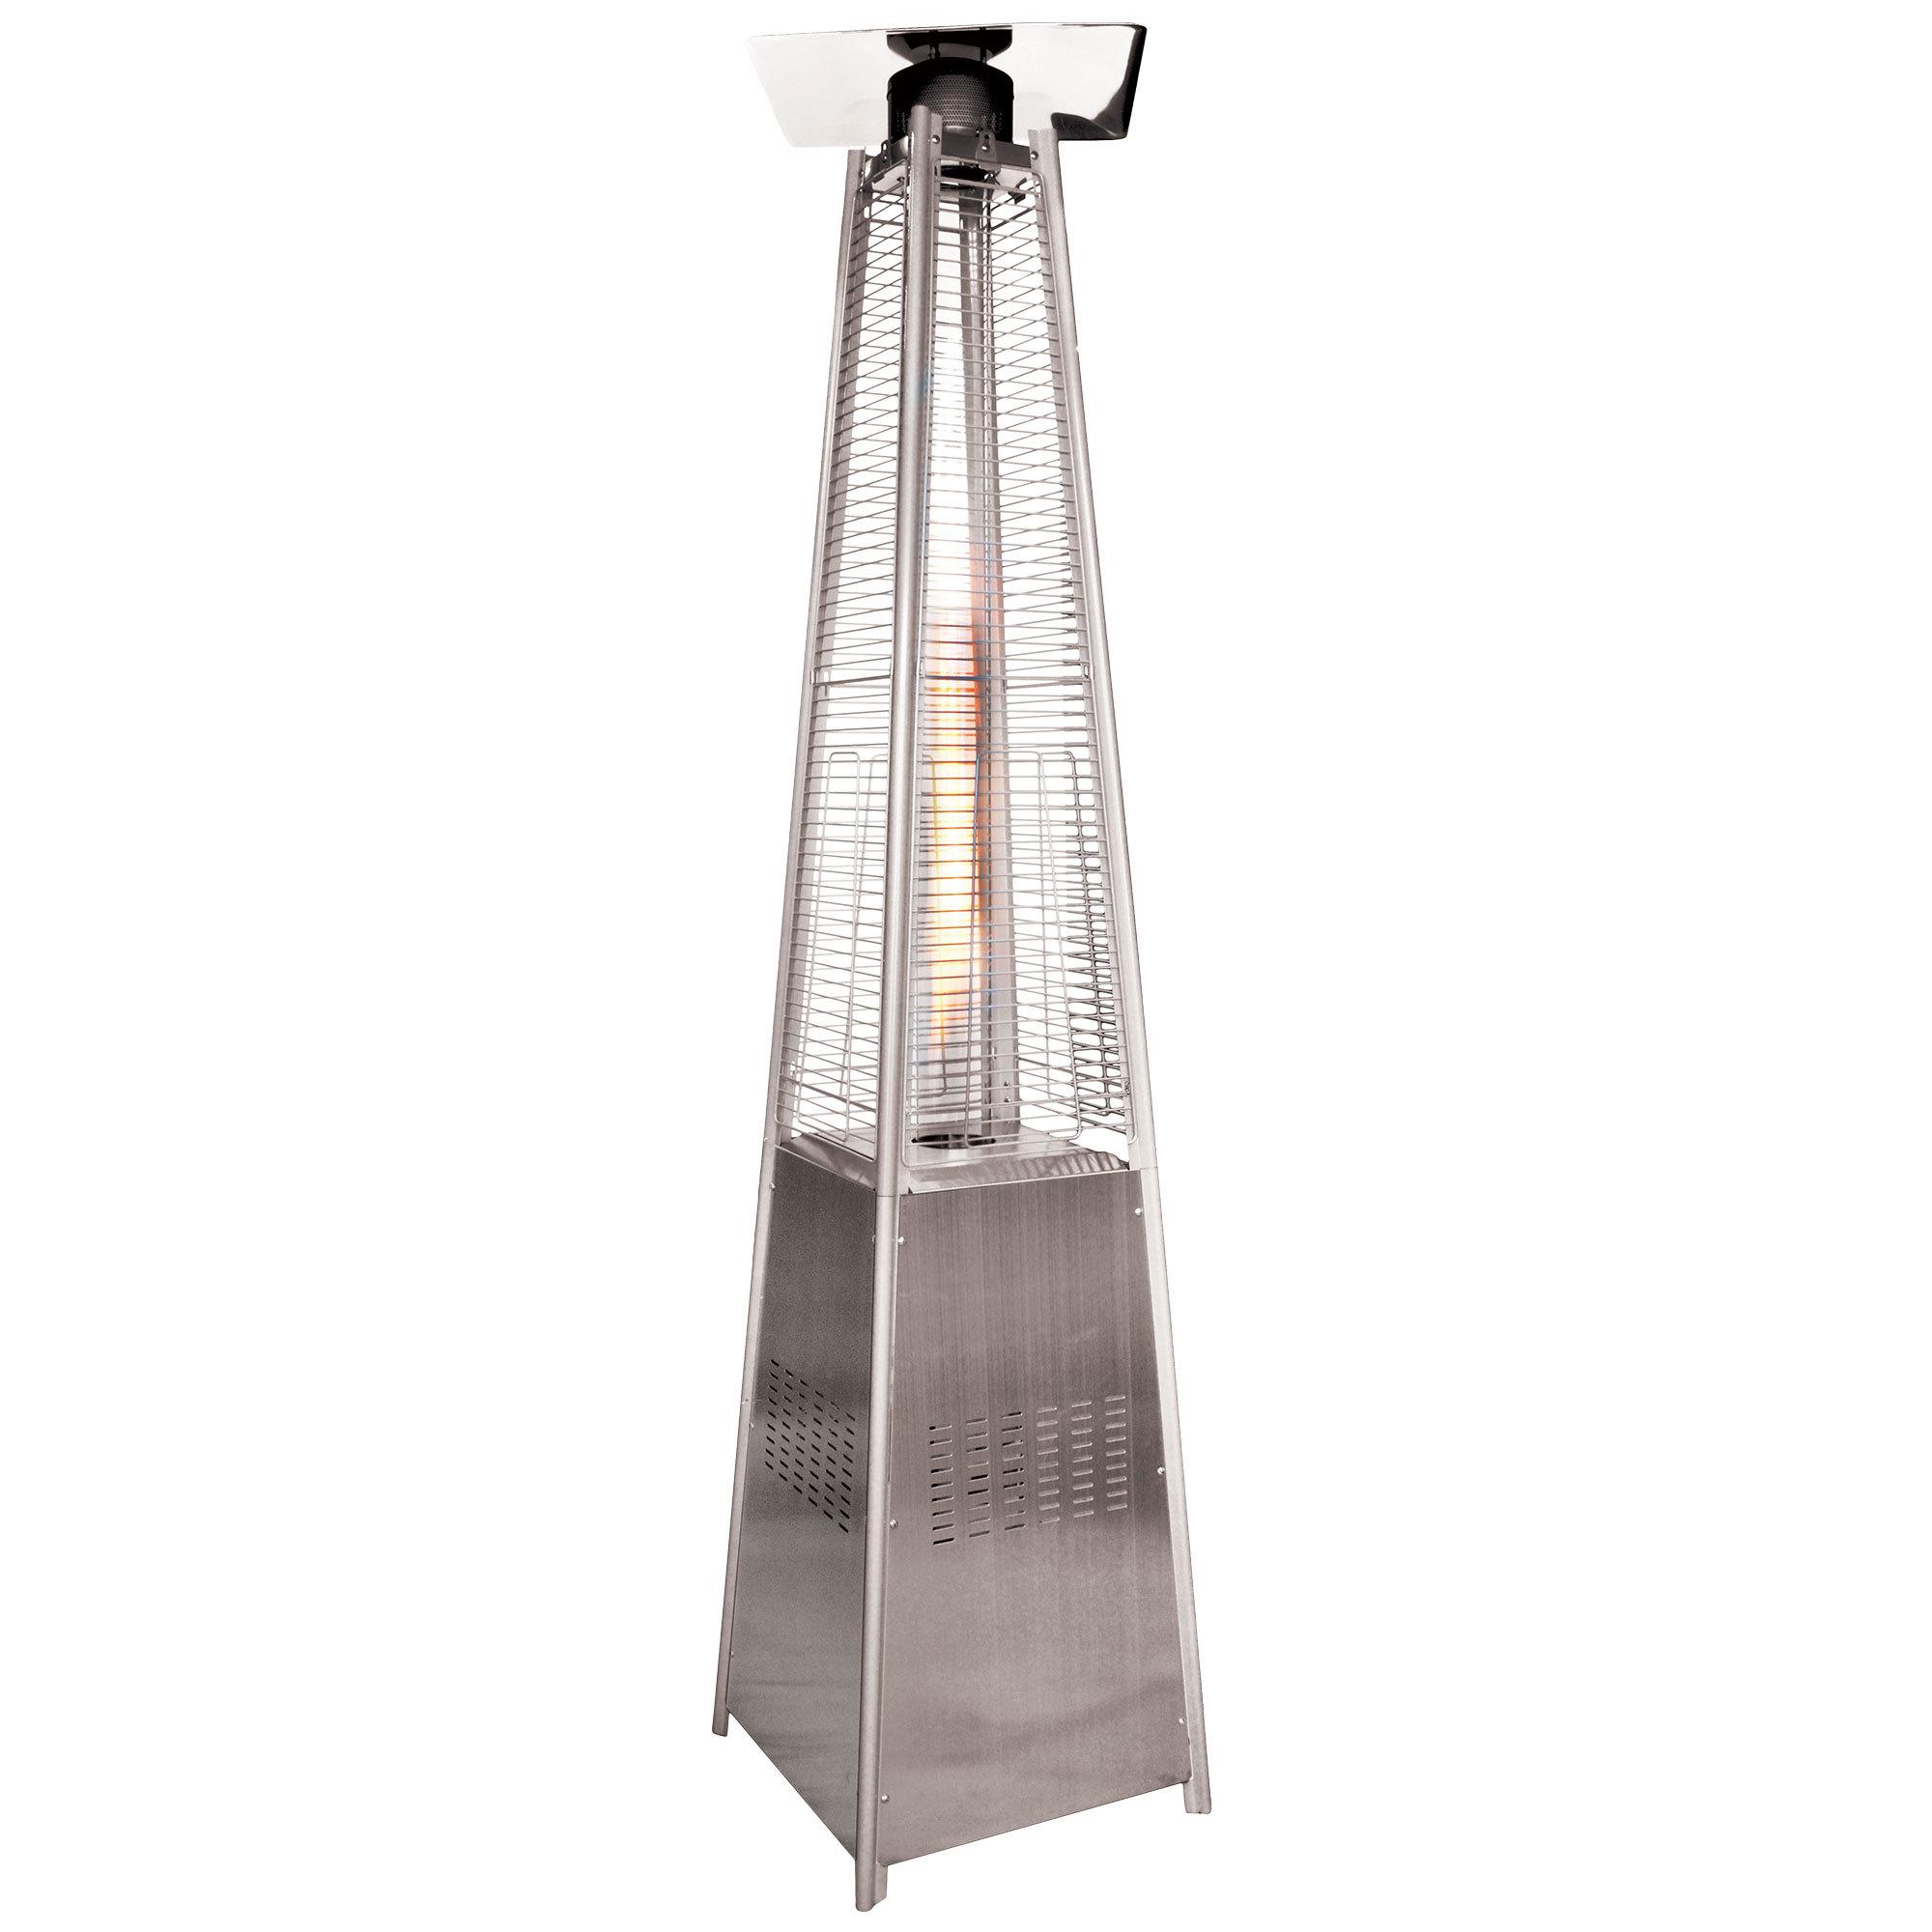 Pyramid-shaped quartz tube patio heater